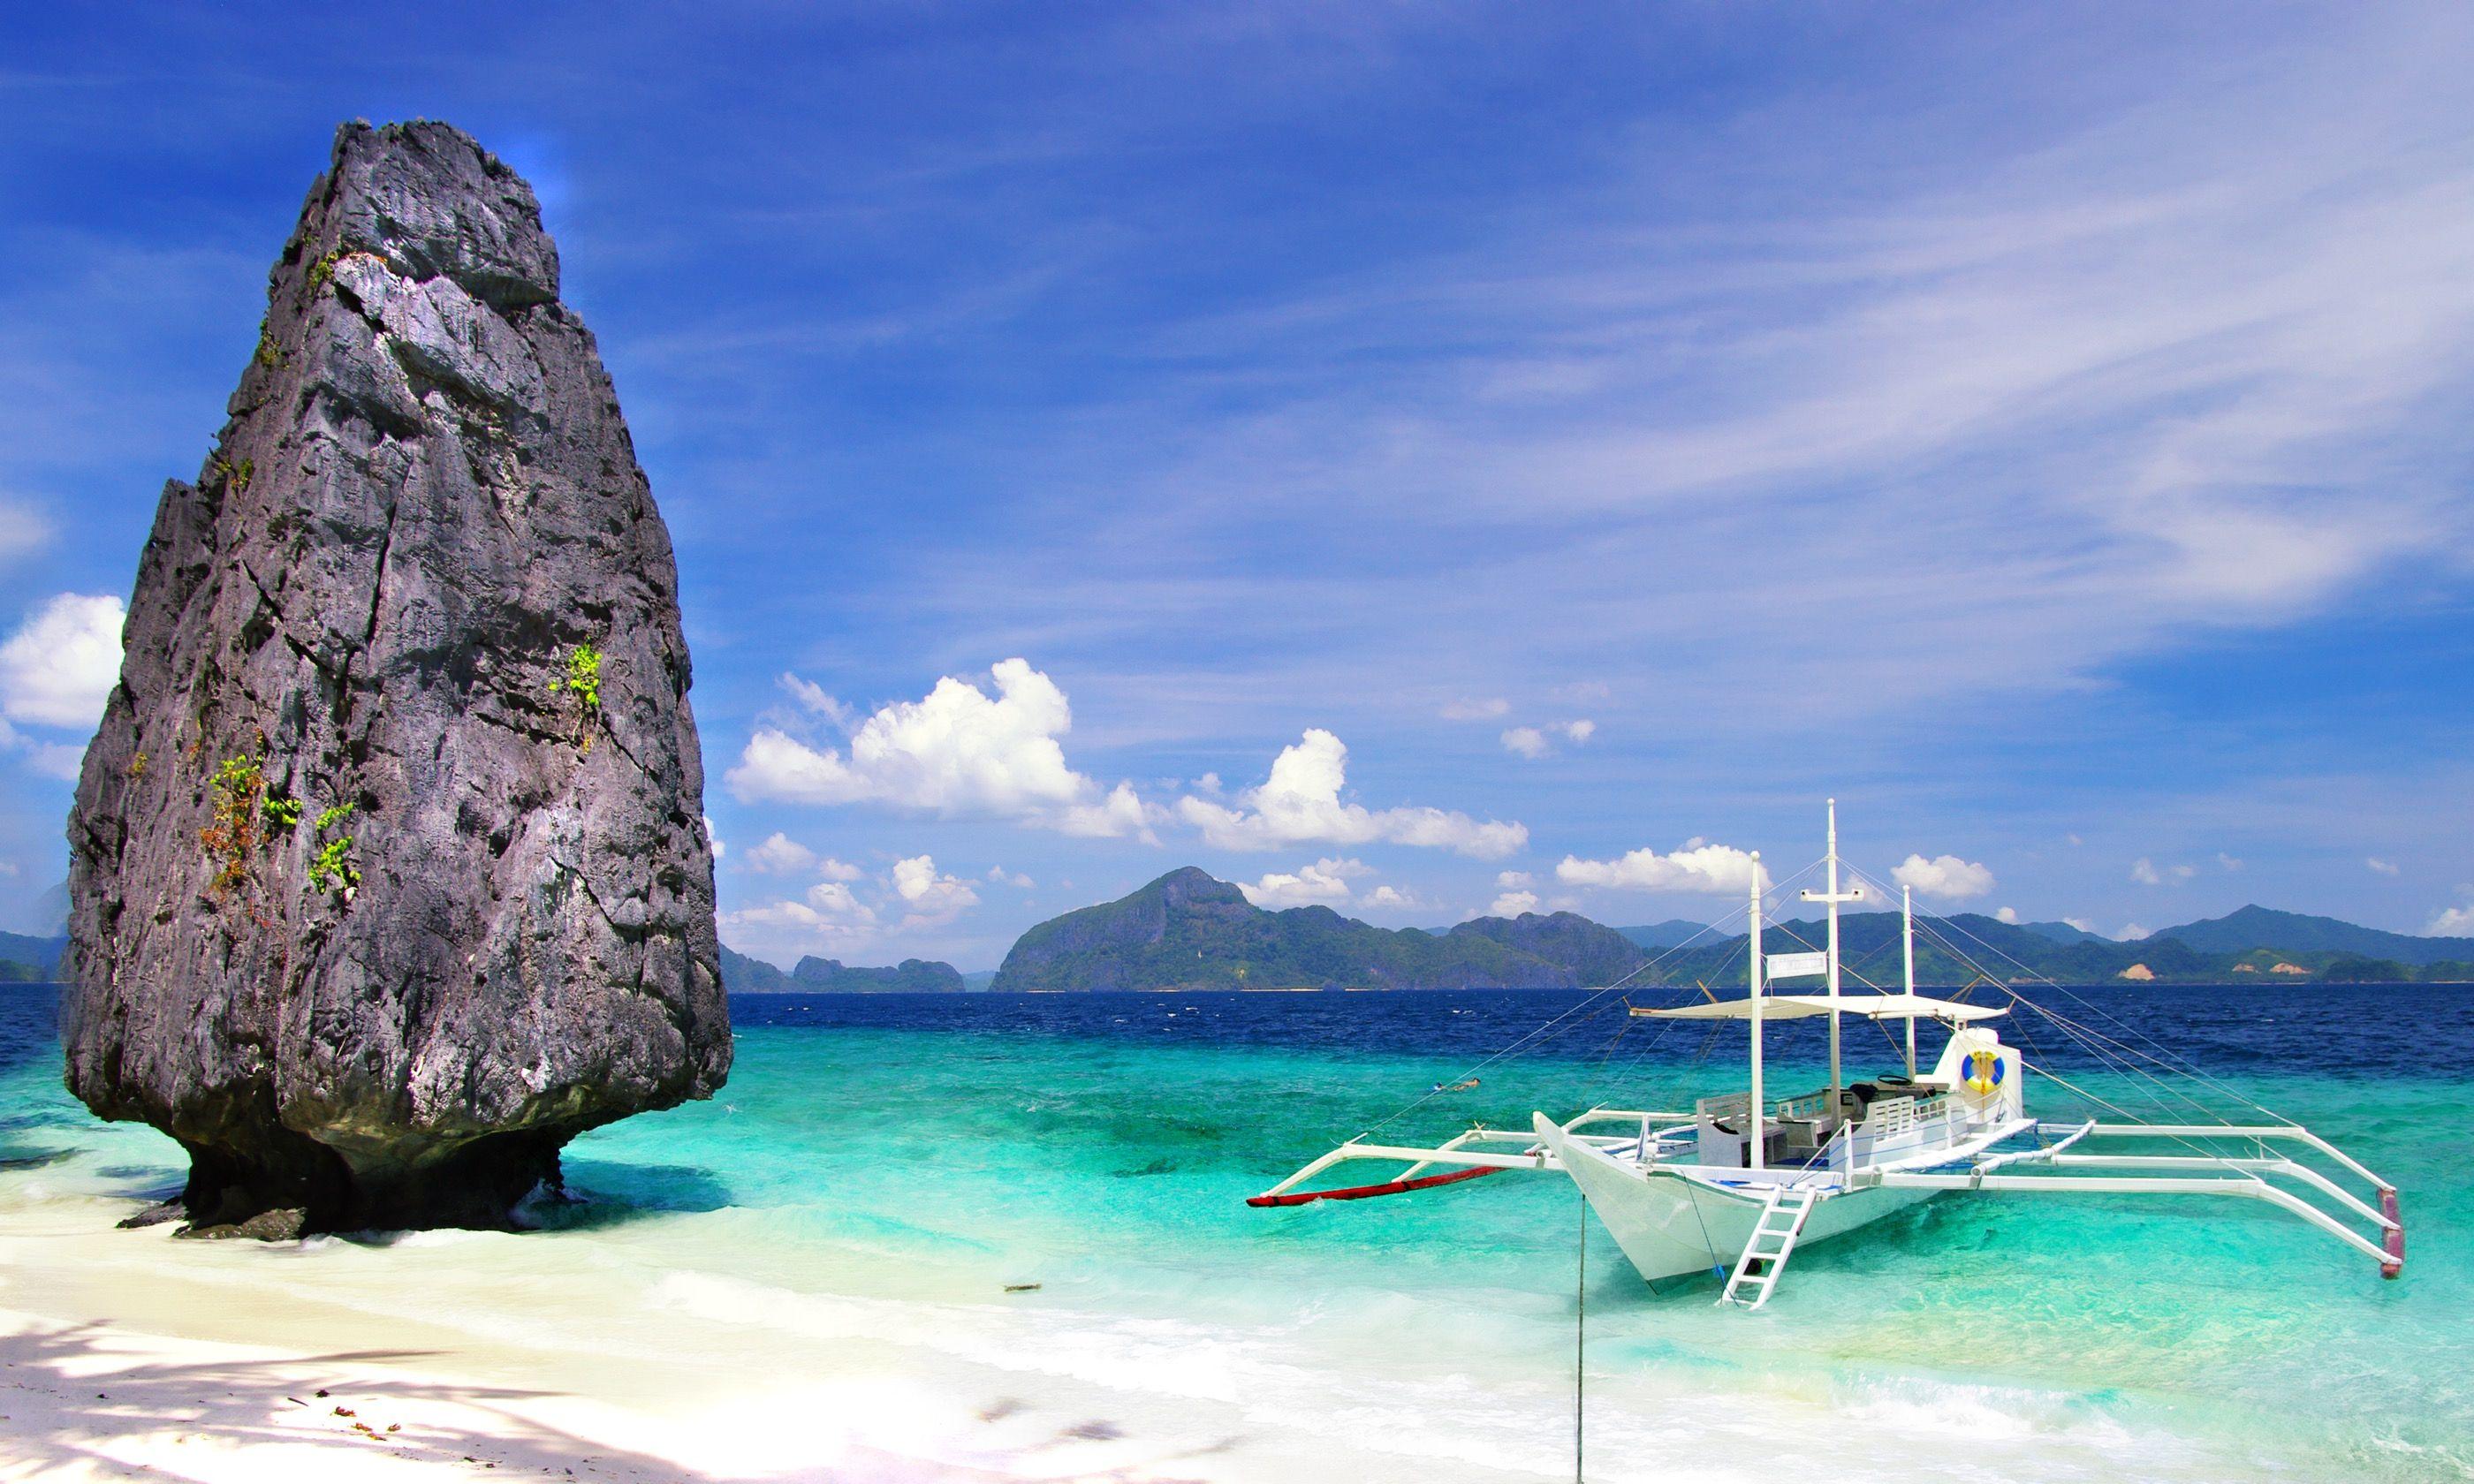 El Nido Island, Philippines (Dreamstime)